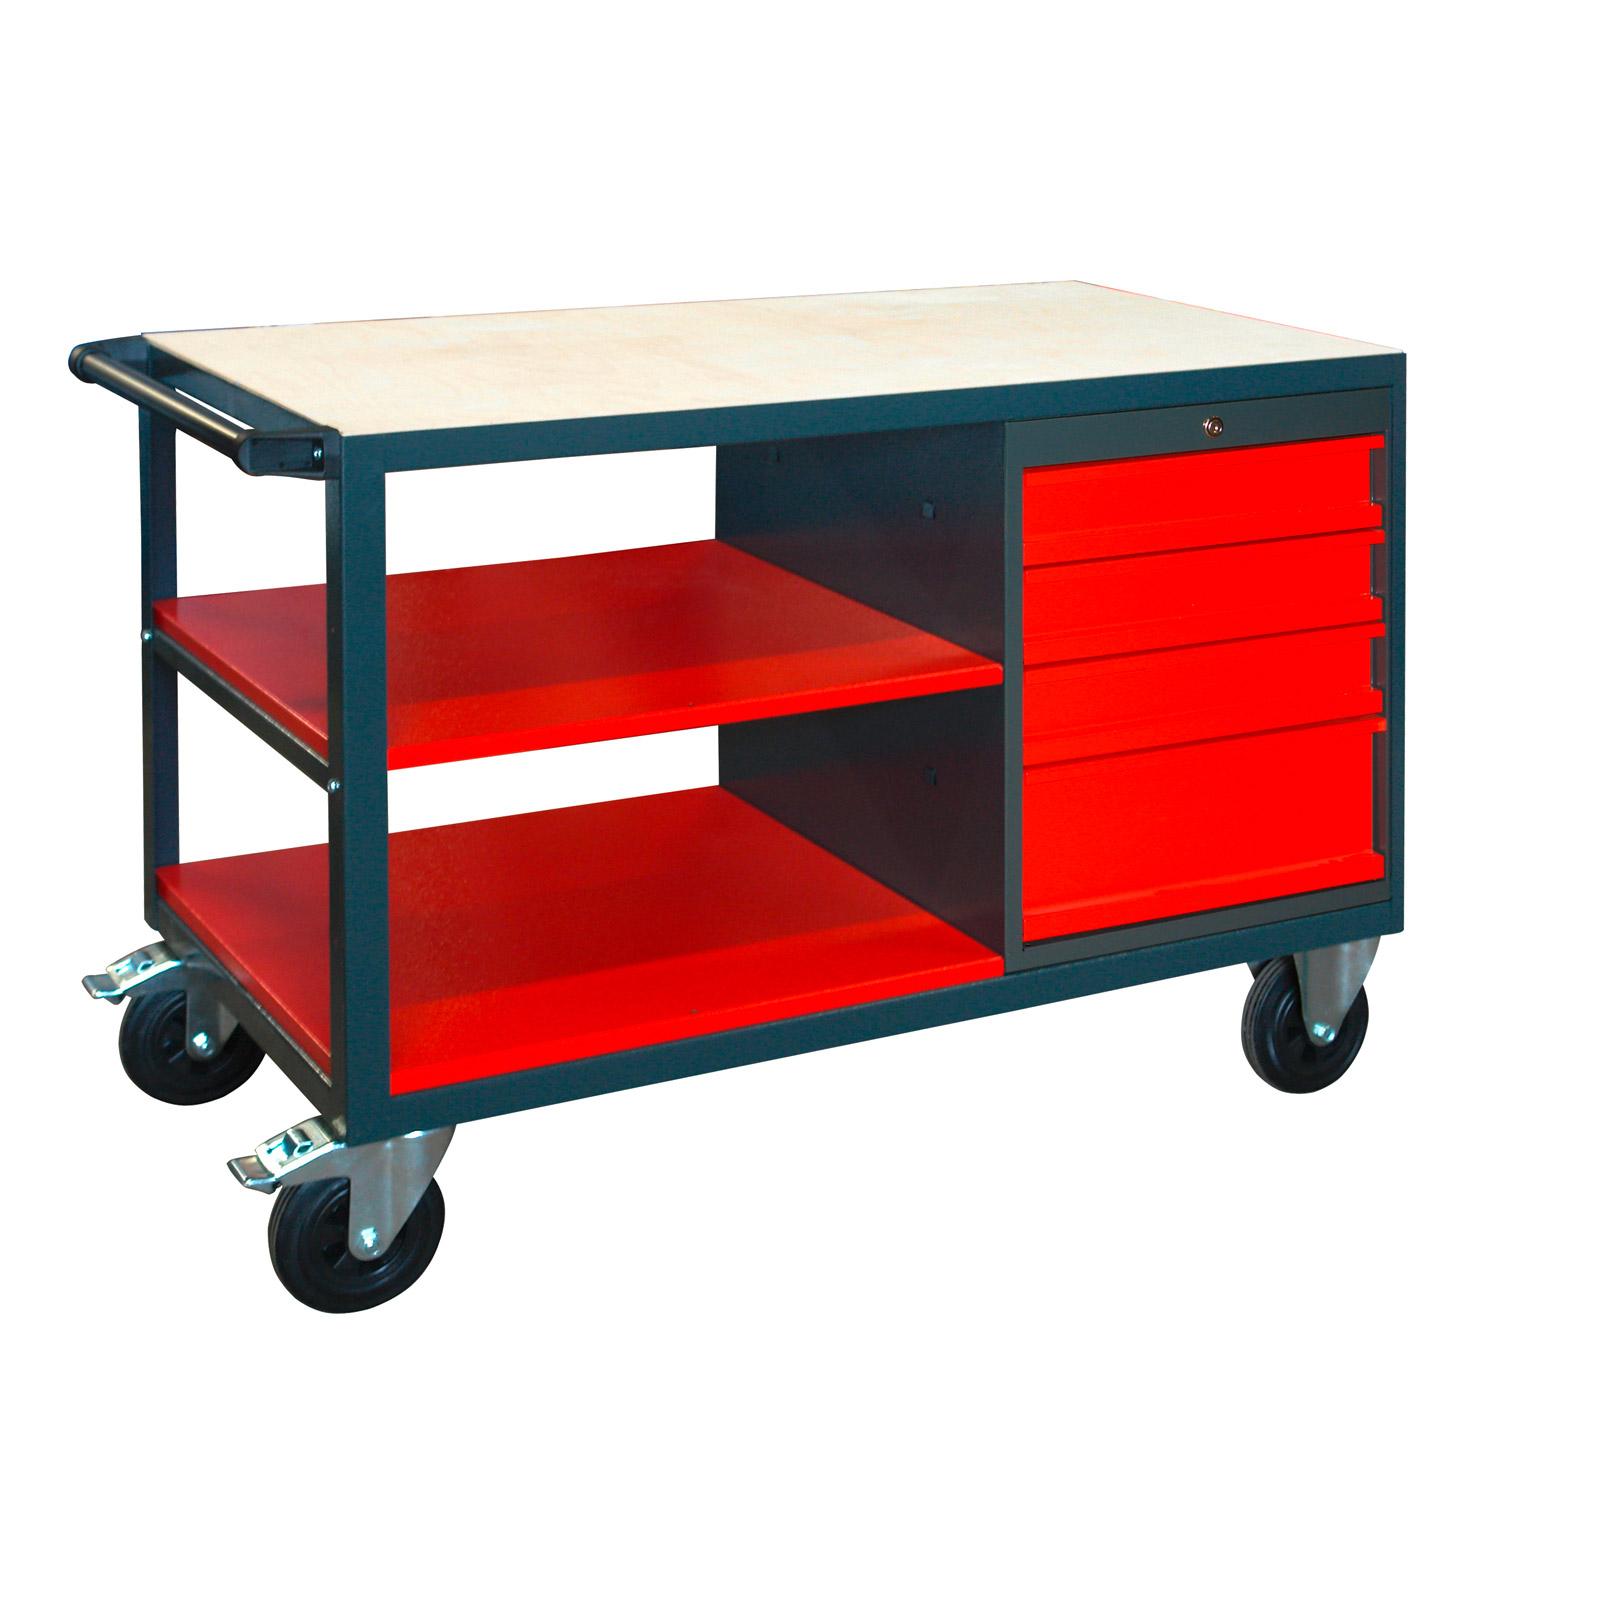 werkbank arbeitstisch m rollen abschlie baren schubladen ablagen werkstattwagen ebay. Black Bedroom Furniture Sets. Home Design Ideas